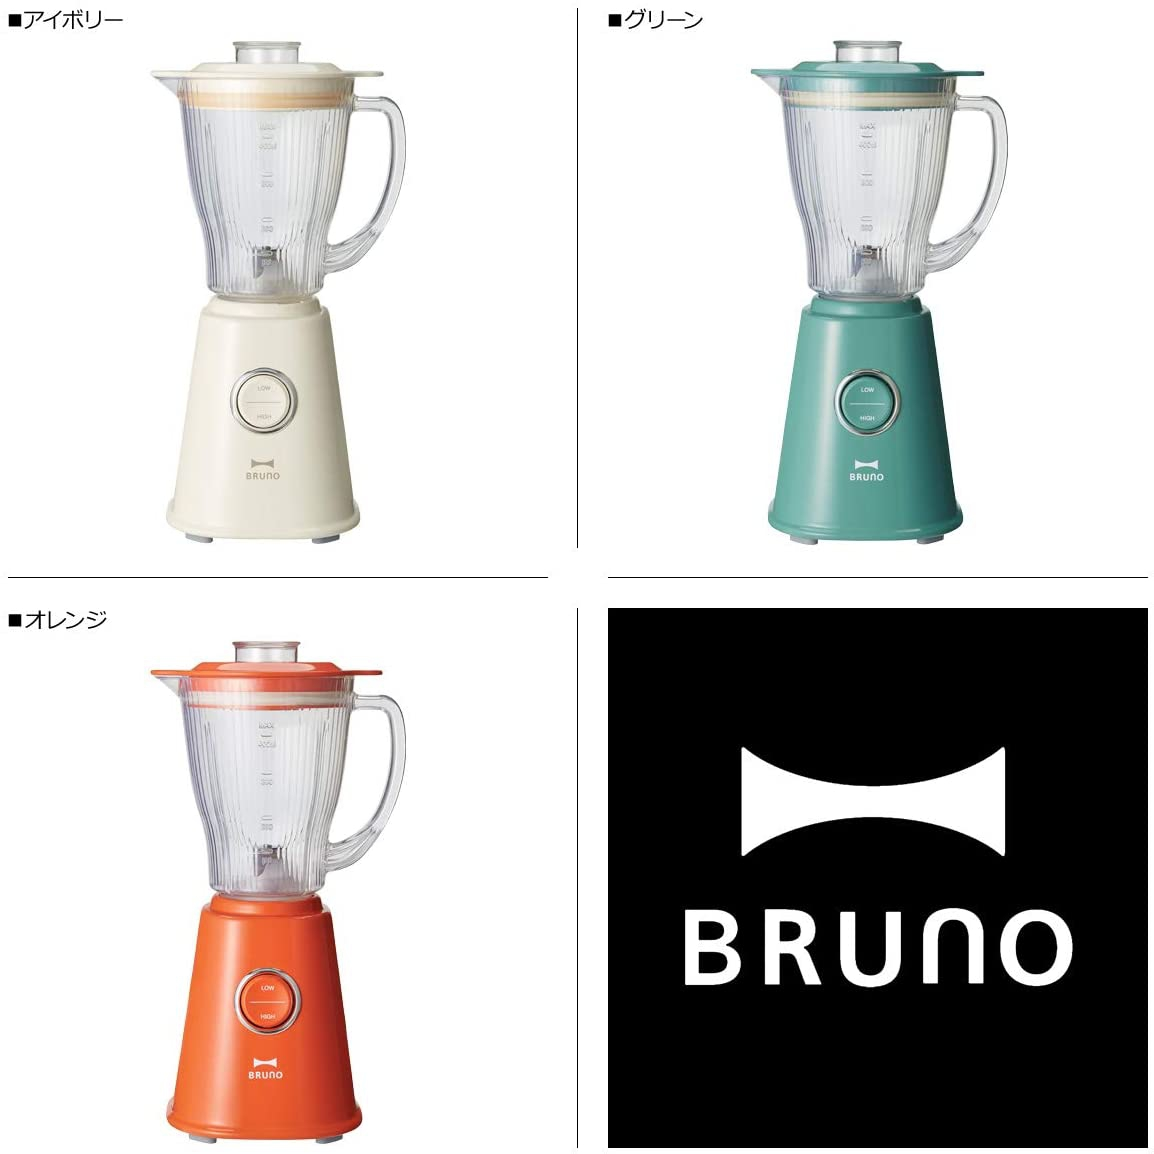 BRUNO(ブルーノ) コンパクトブレンダーの商品画像2